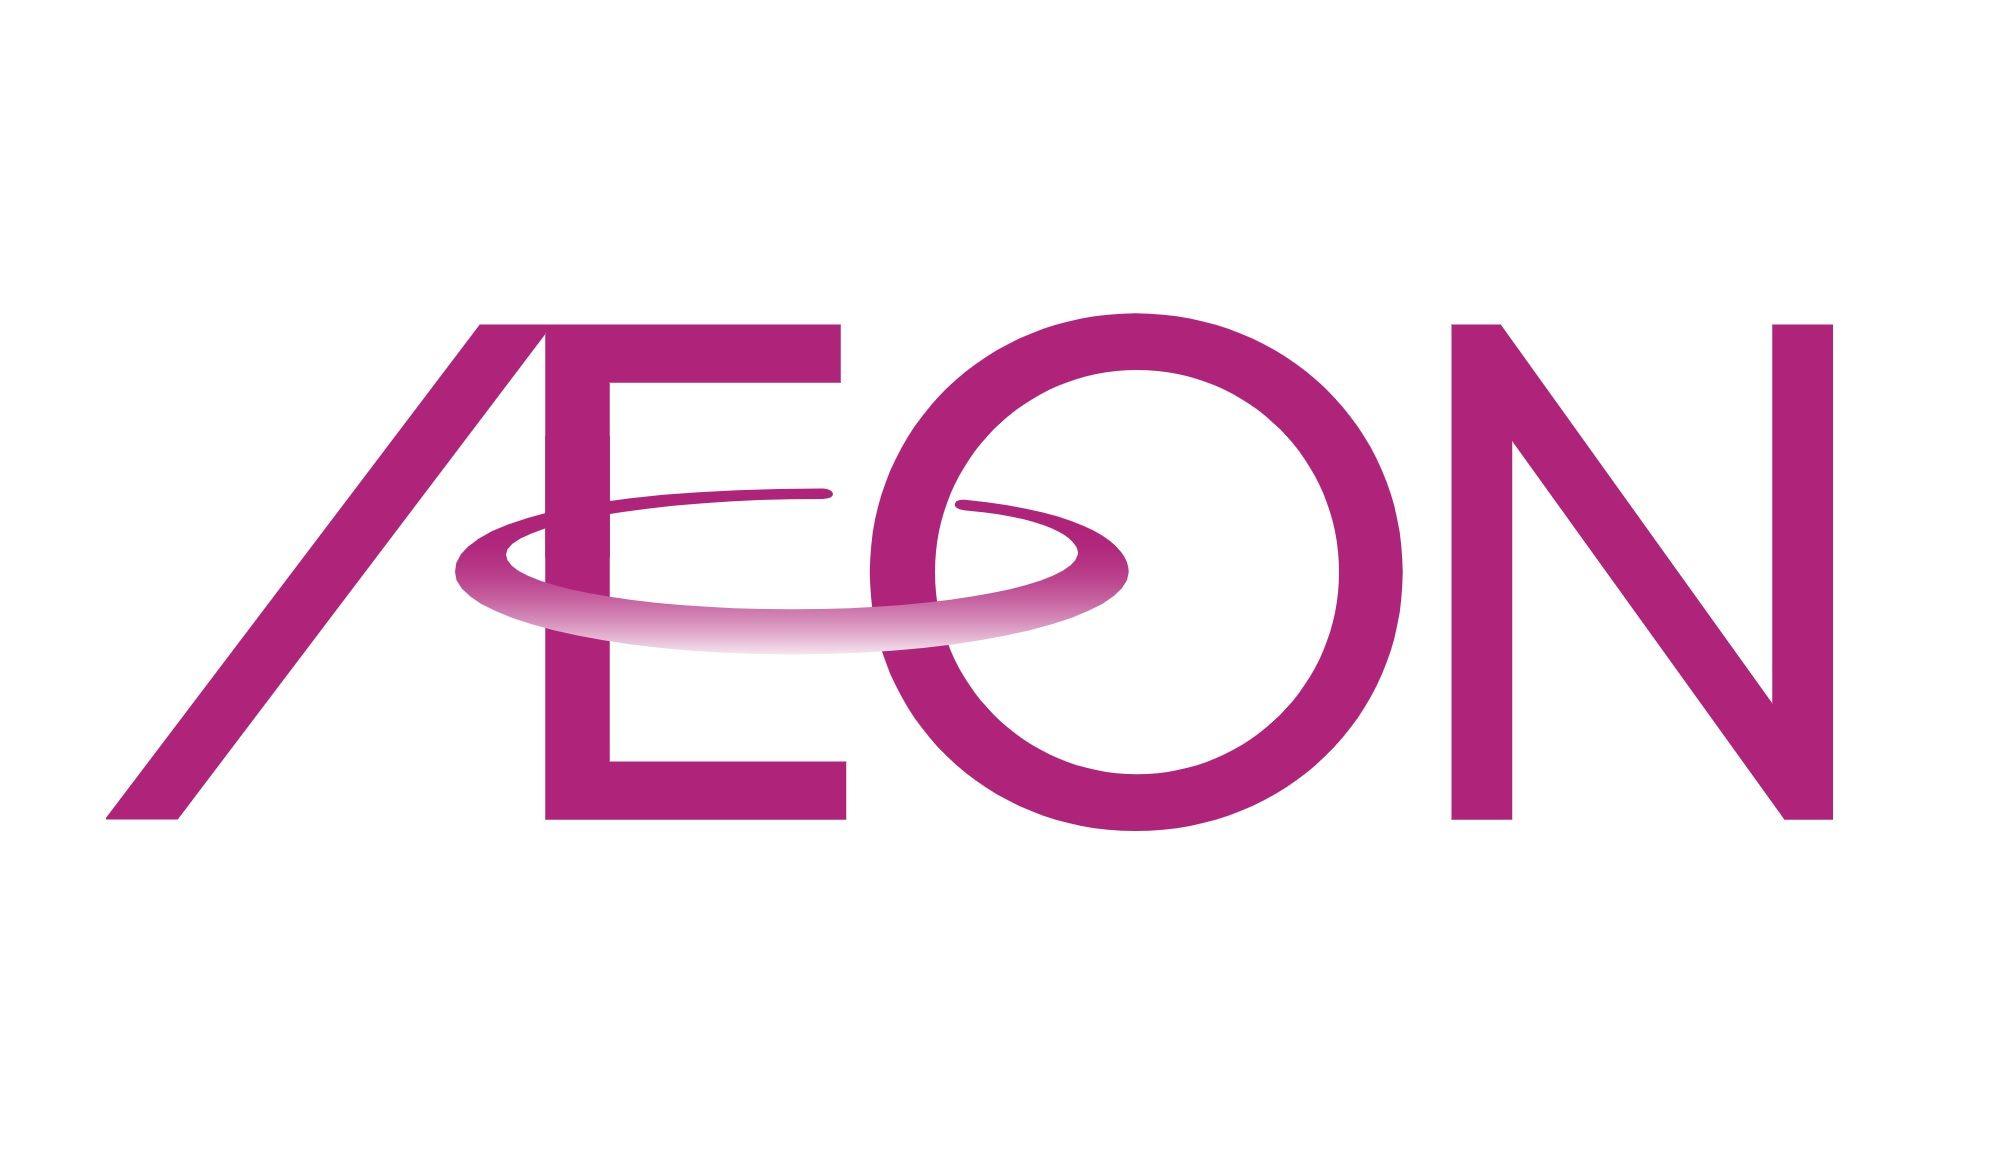 トヨタ、イオンの物流子会社と協業 いすゞ・日野との新会社と物流効率化へ